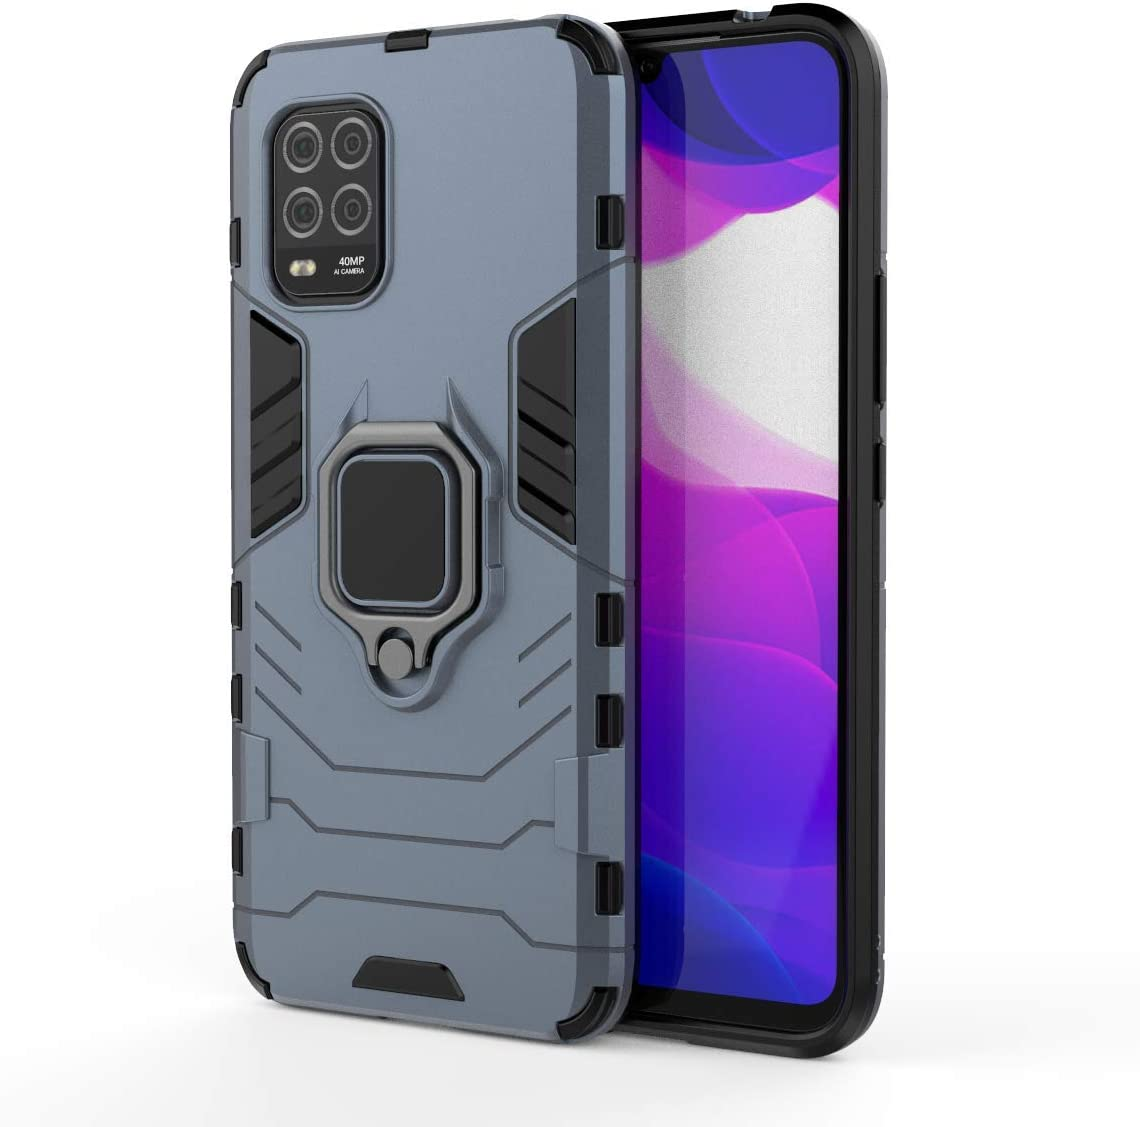 TANYO Funda para Xiaomi Mi 10 Lite 5G, Carcasa TPU/PC Hybrid Case con 360° Soporte, Robusta Silicona Estuche, Antigolpes Cover Caso Azul